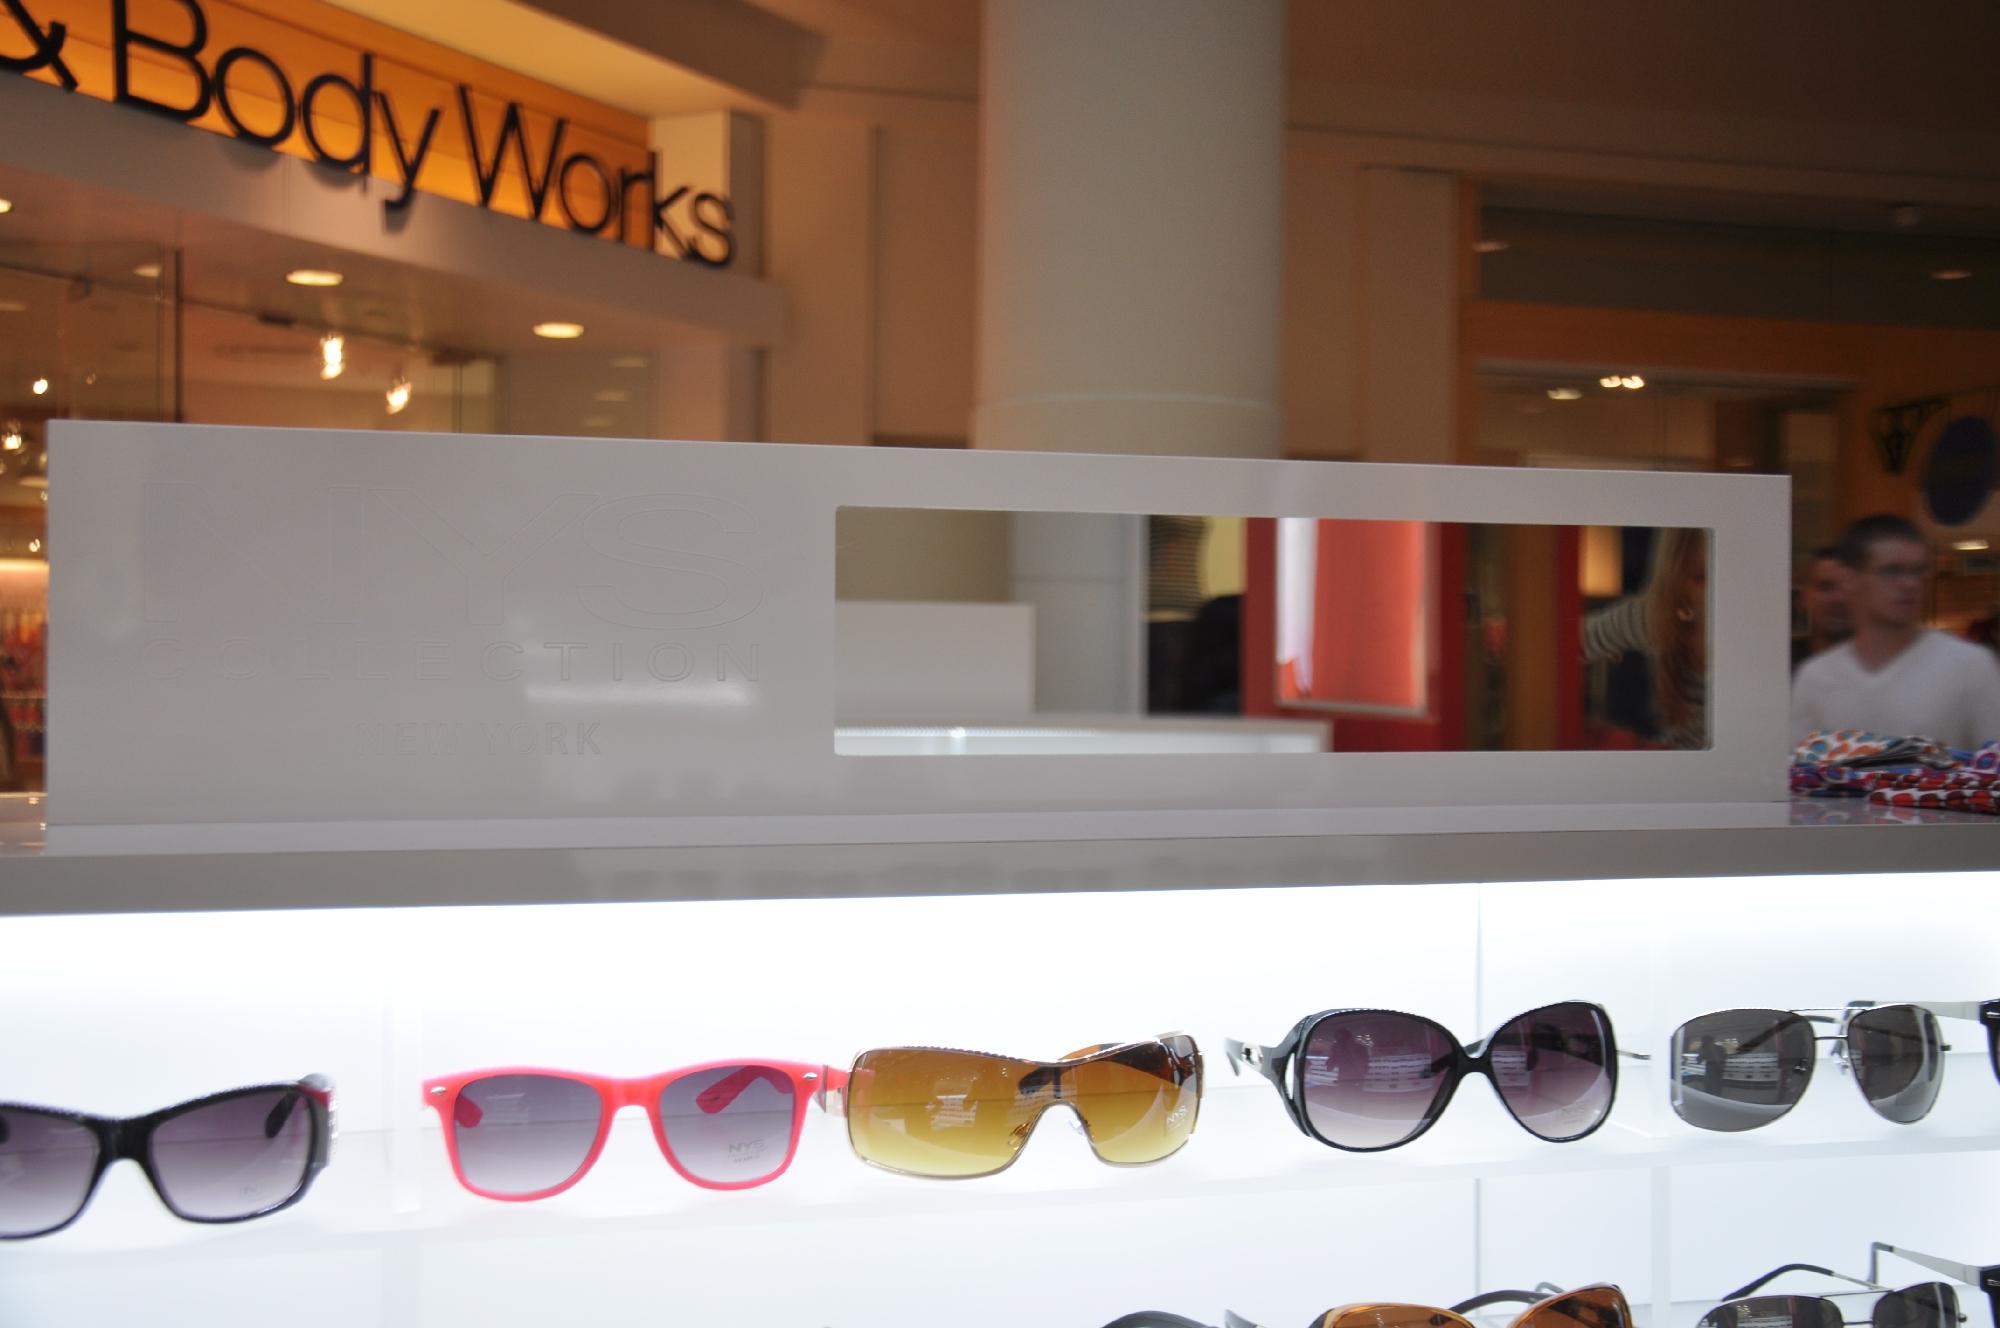 NYS KIOSK Freehold Mall 2012 081__63.jpg